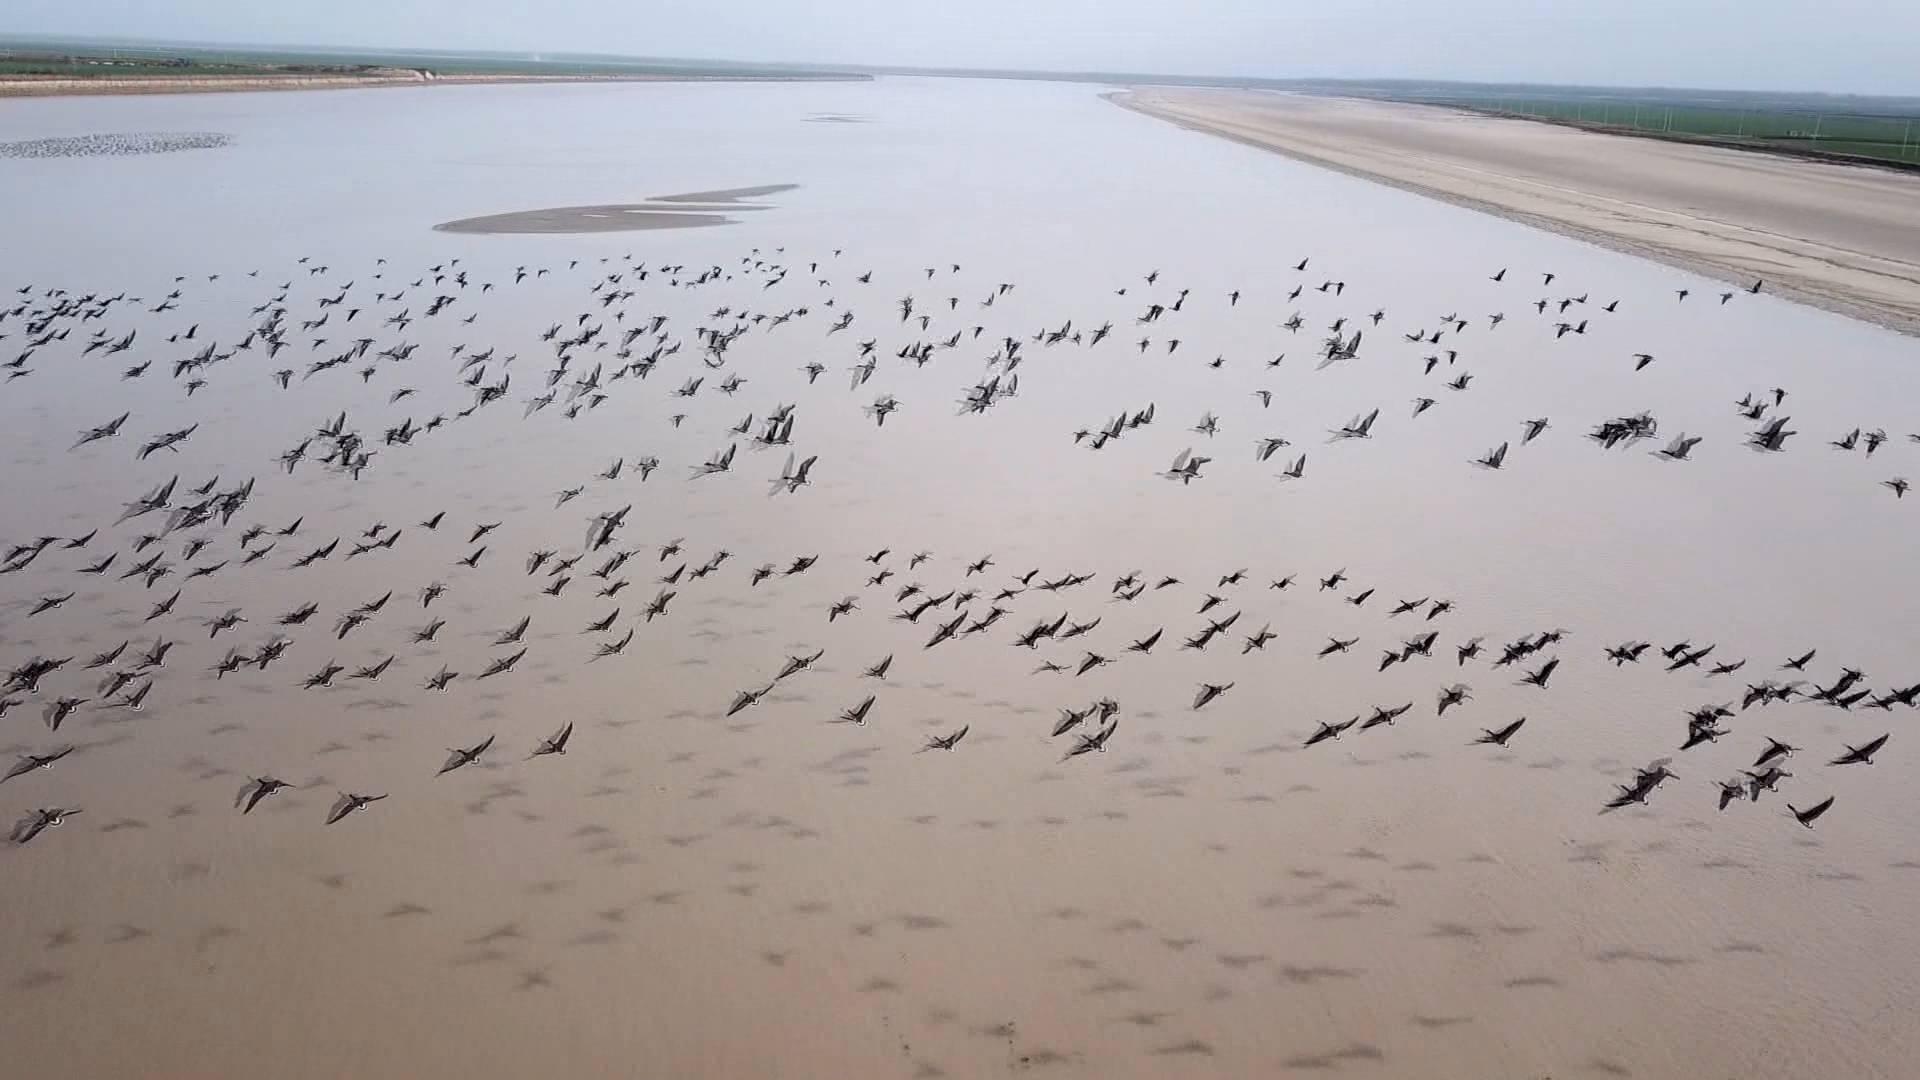 79秒|翩然而至 数万只大雁飞抵东明黄河滩区过冬